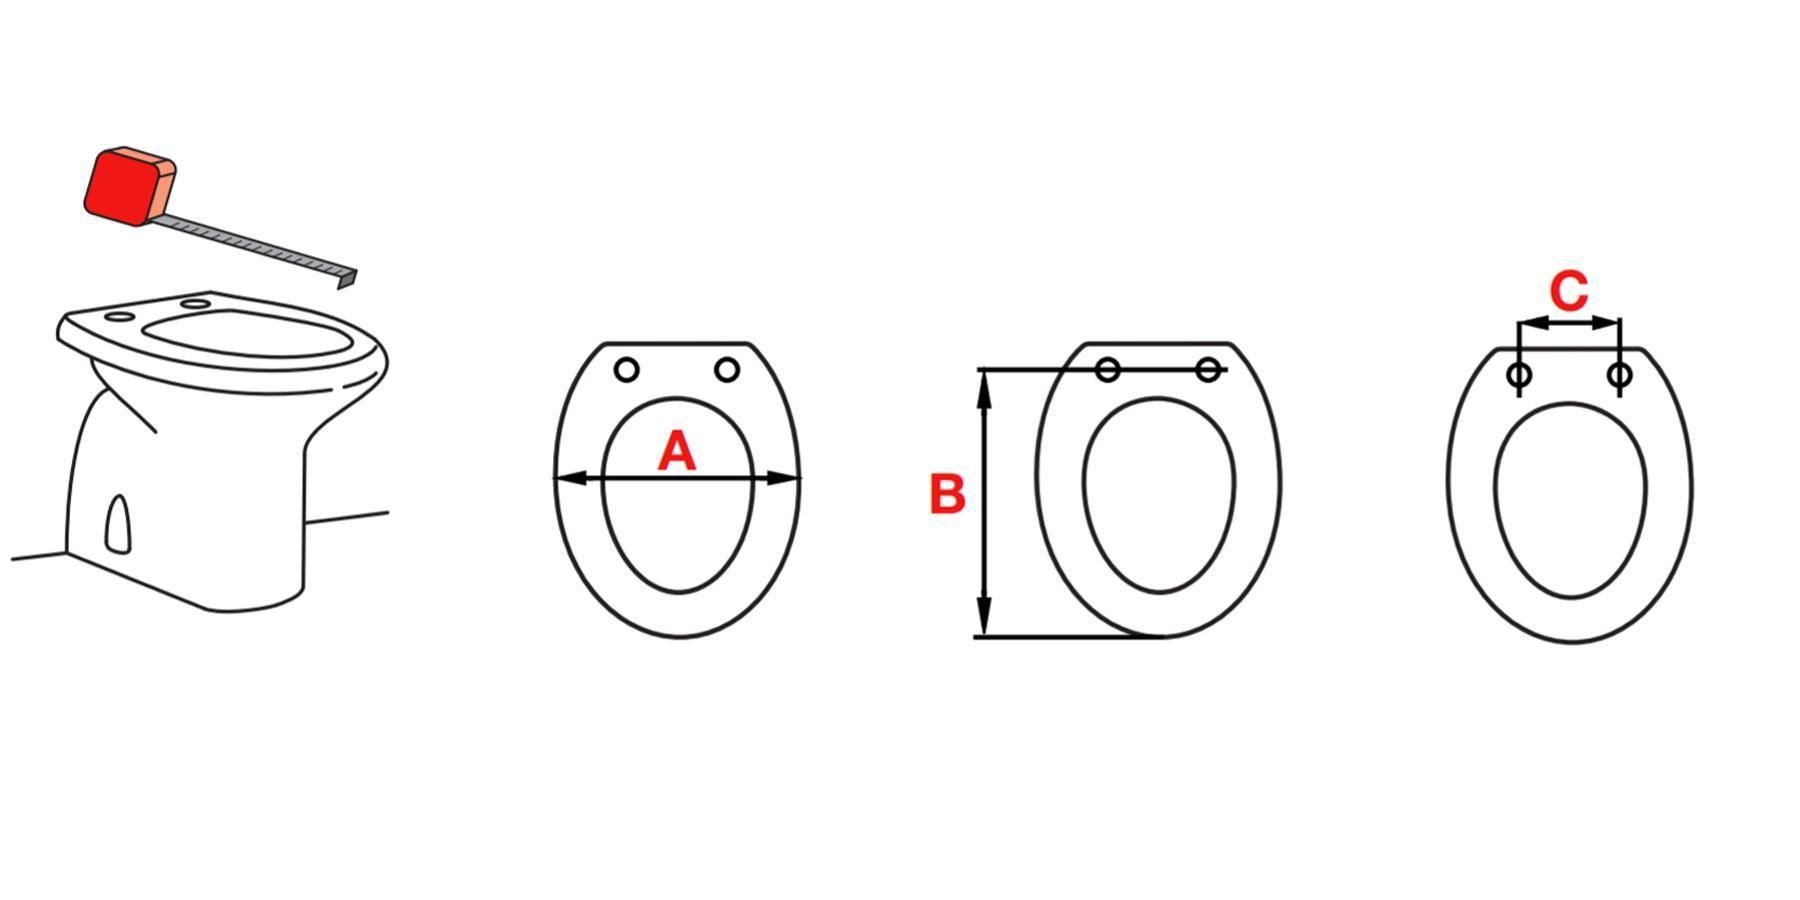 Sostituzione copriwater: riconosci il tuo sedile in tre mosse